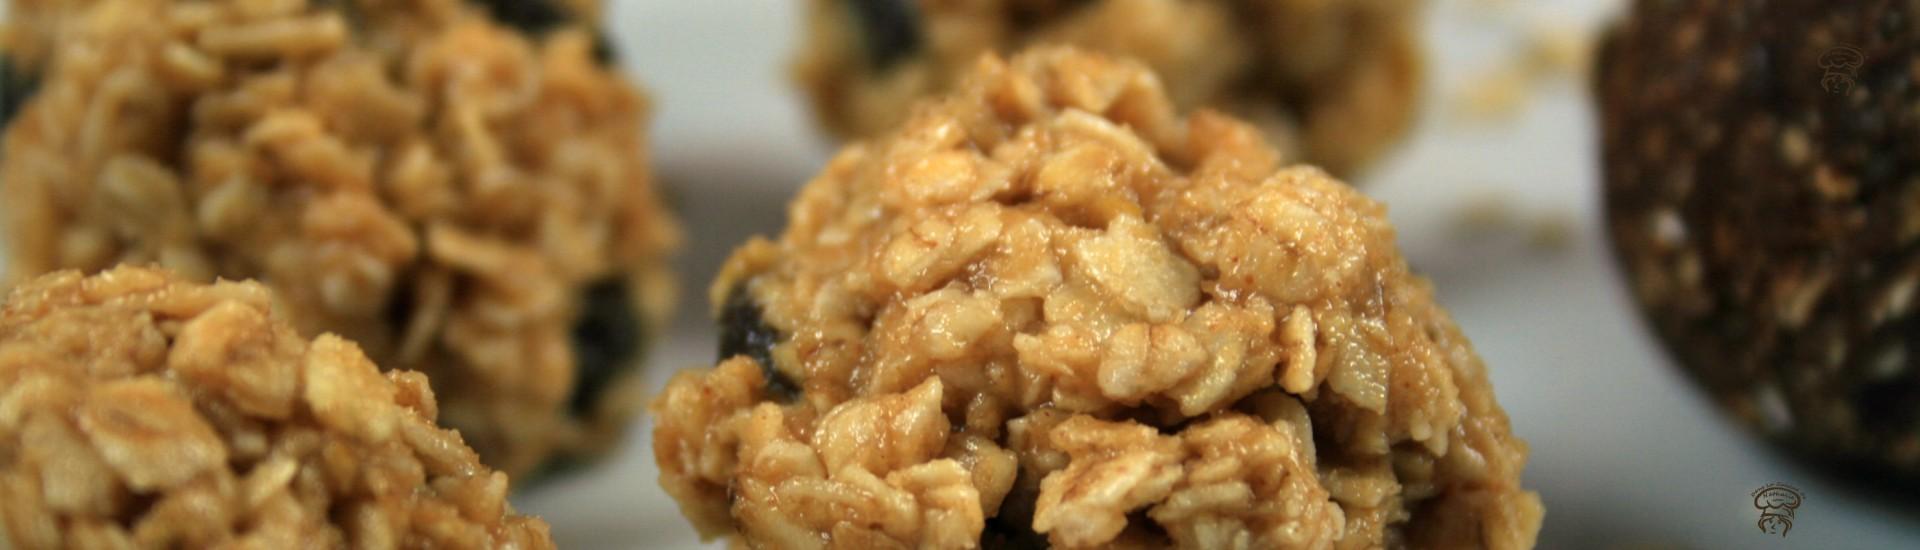 Bouchées au gruau et beurre d'arachides